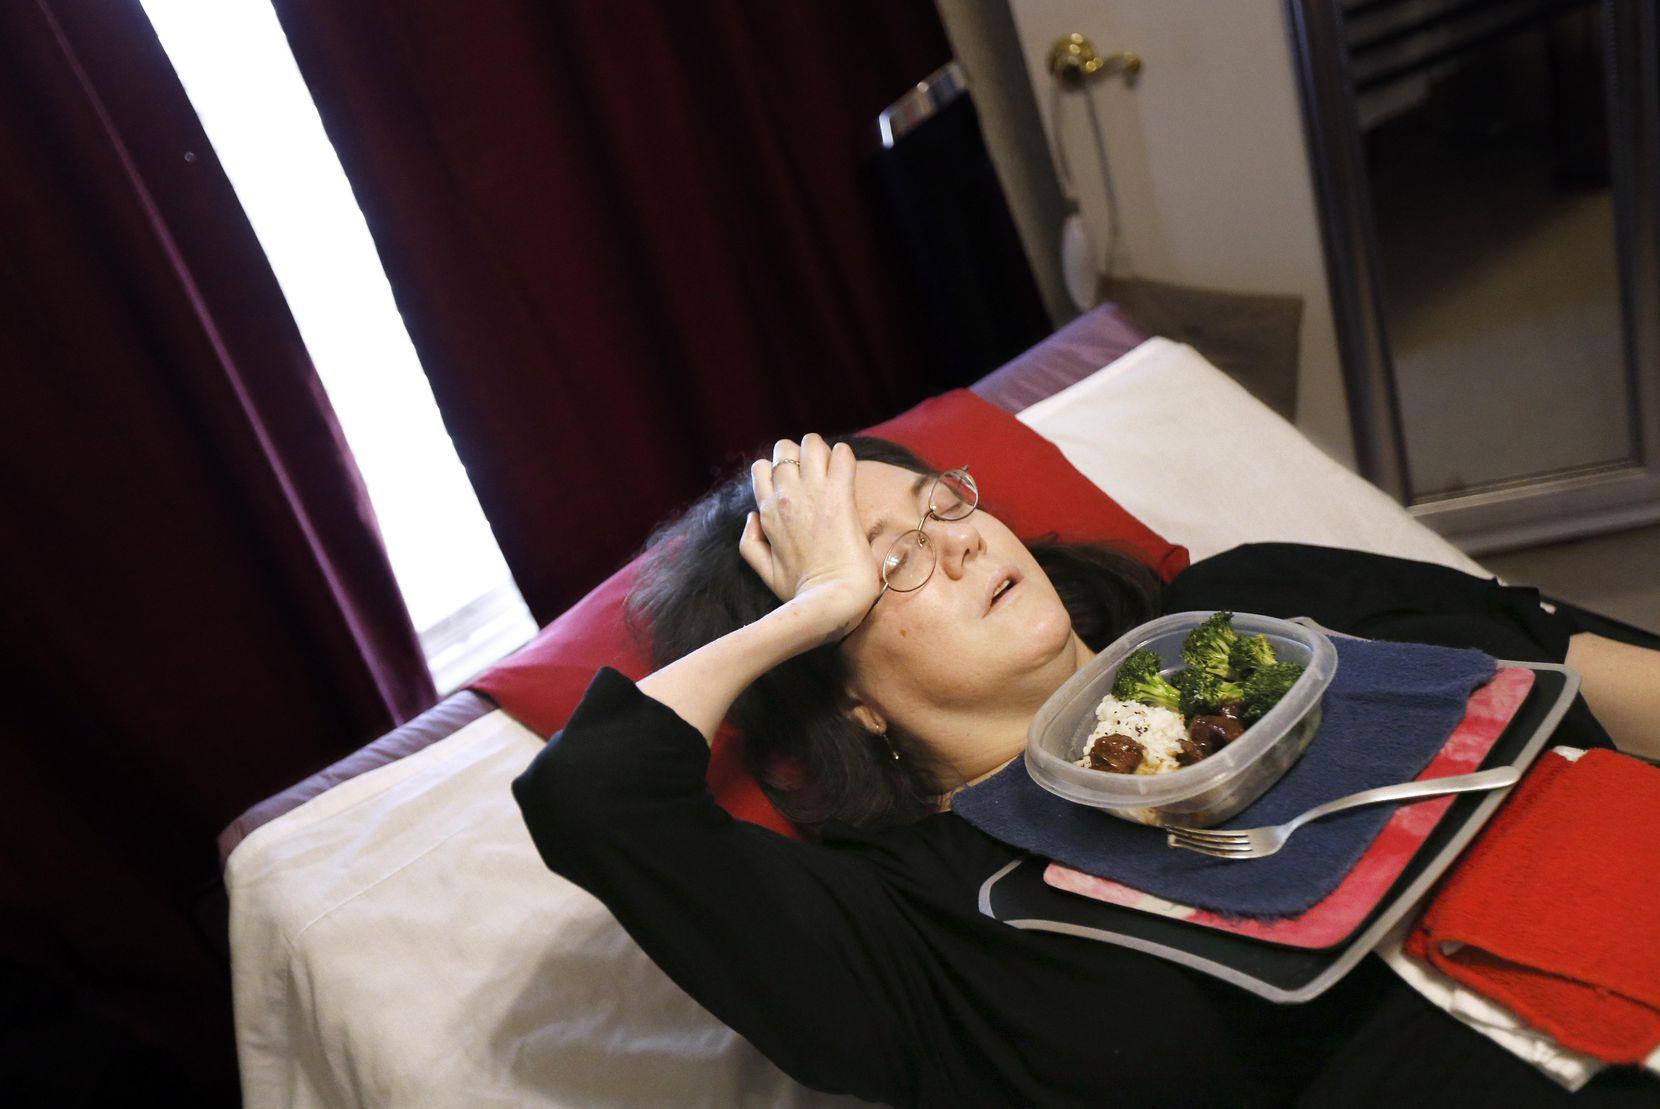 Heather Powell, parapléjica desde hace más de una década, tuvo que esperar más de dos años por una cama especial. La compañía encargada de su cuidado le dio una nueva cama solo cuando The Dallas Morning News empezó a hacer preguntas. TOM FOX/DMN